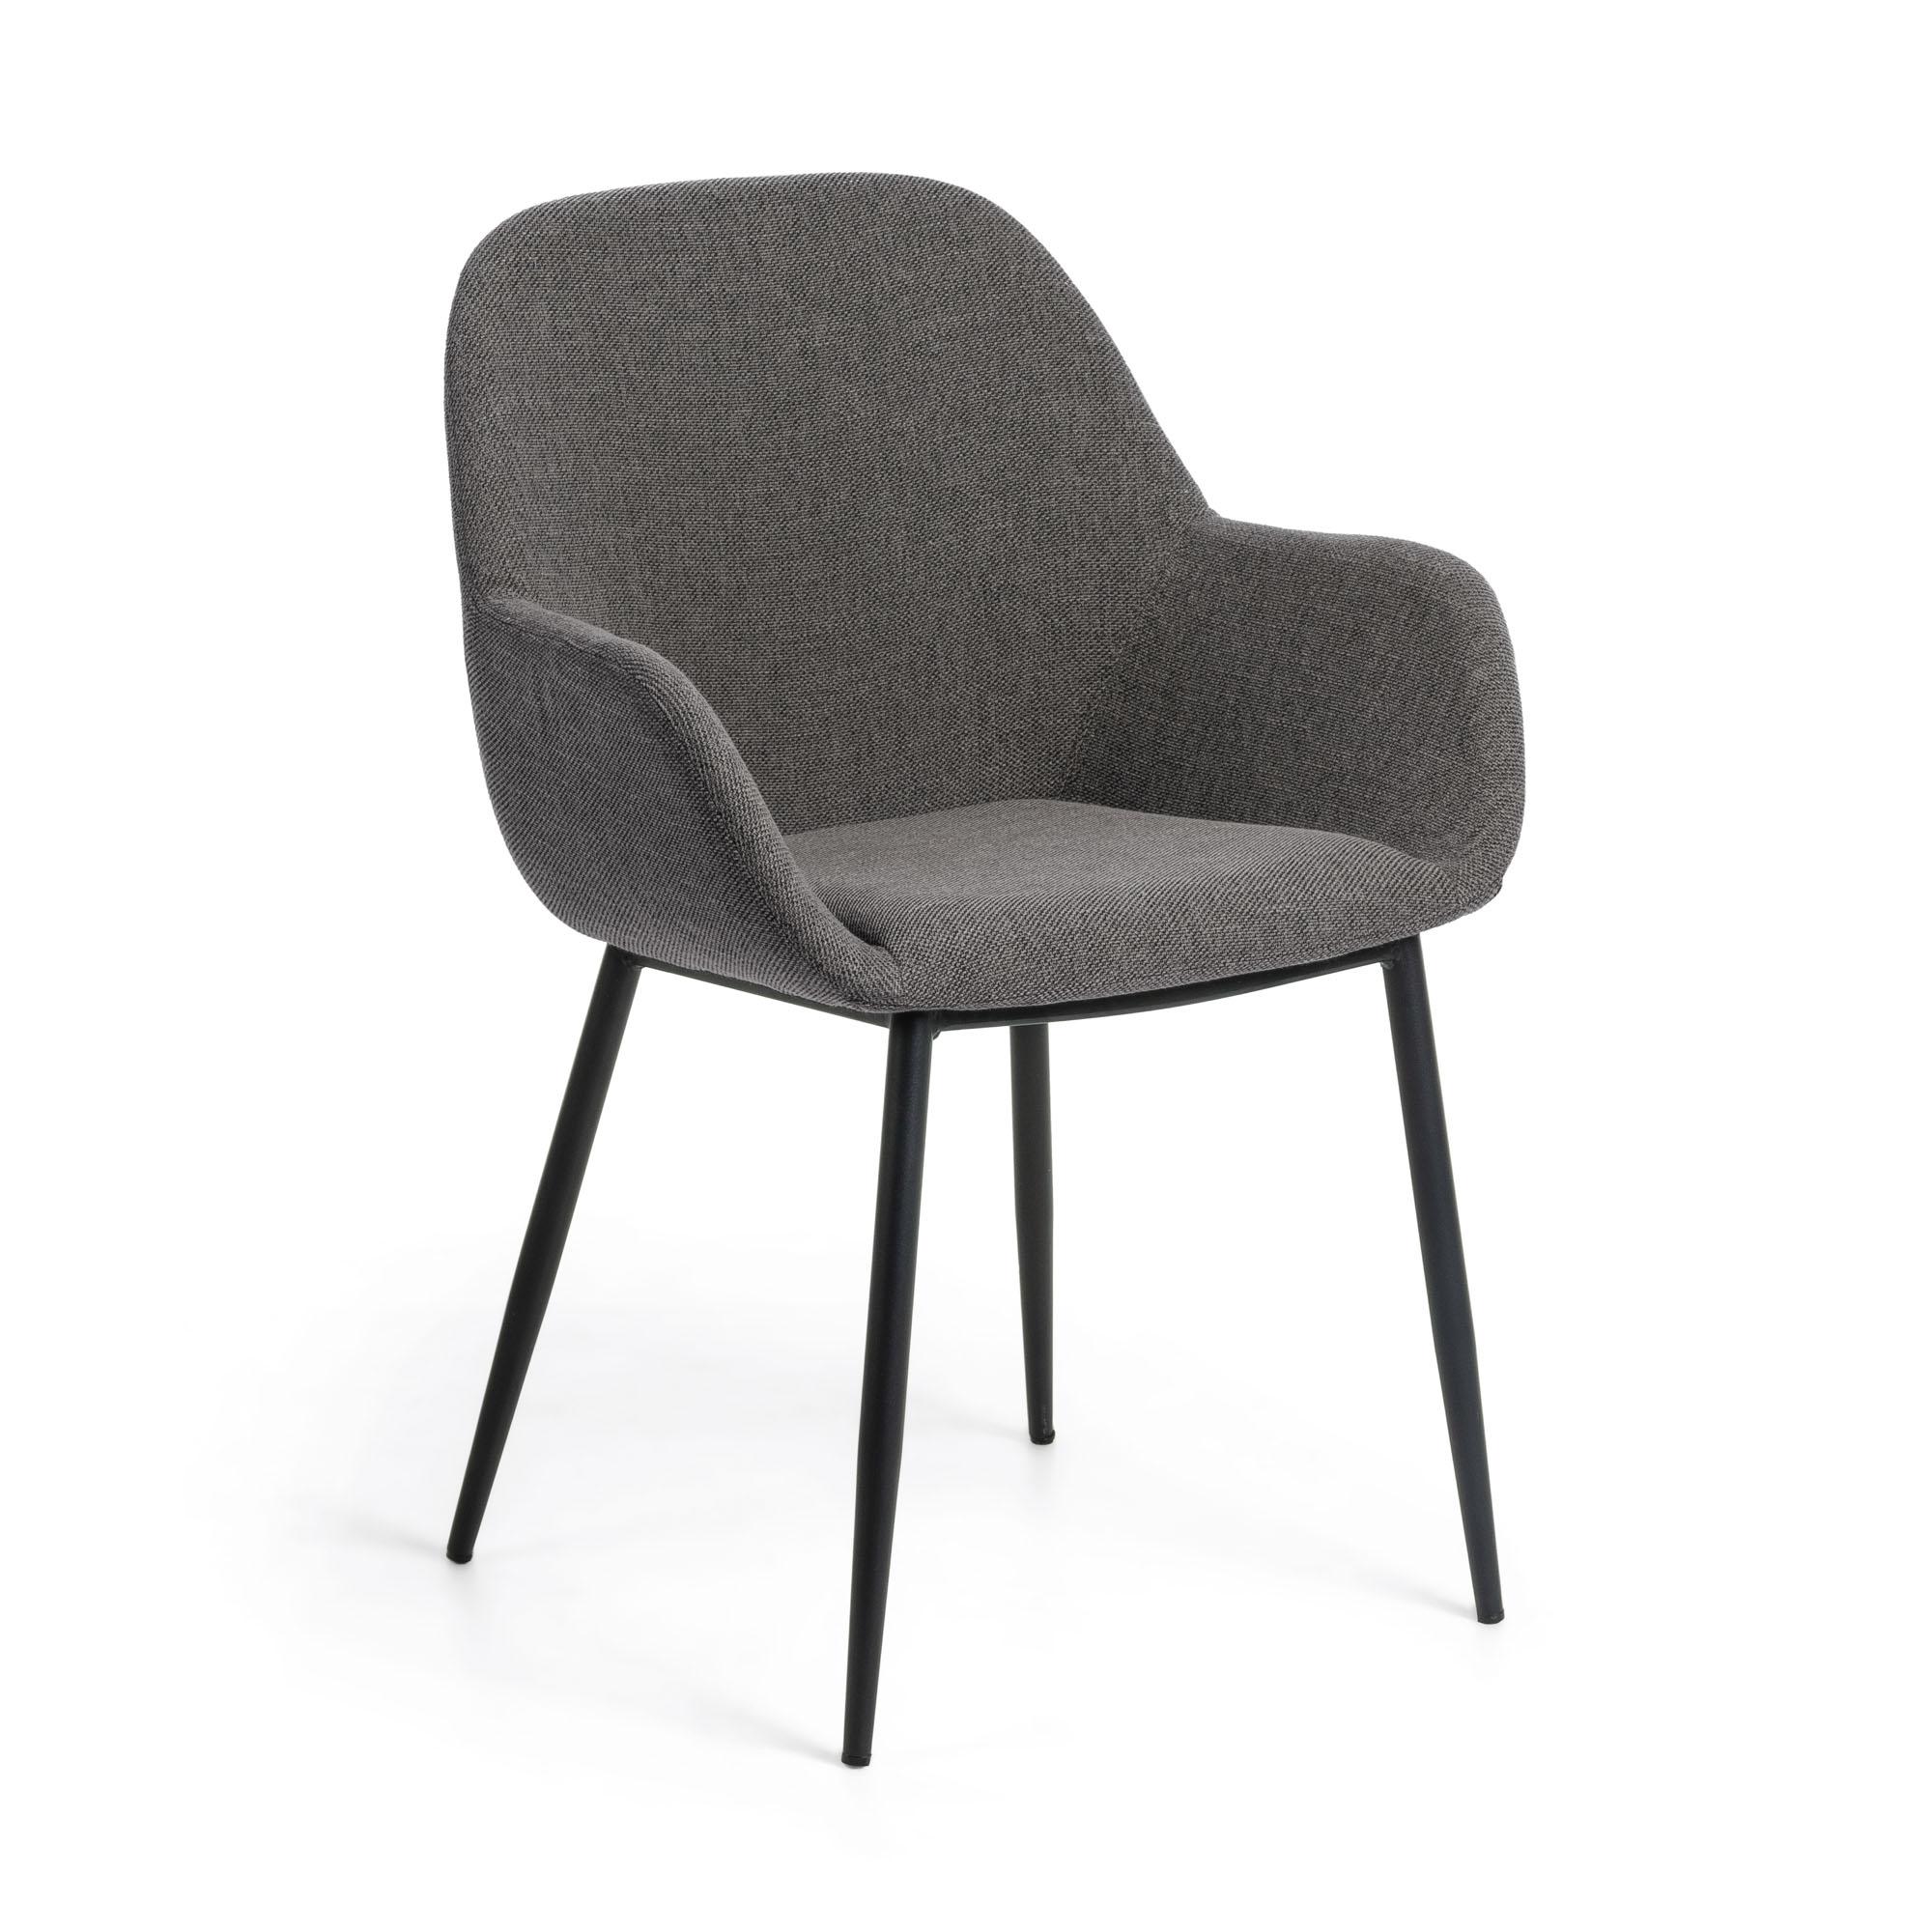 Kave home - chaise konna gris foncé